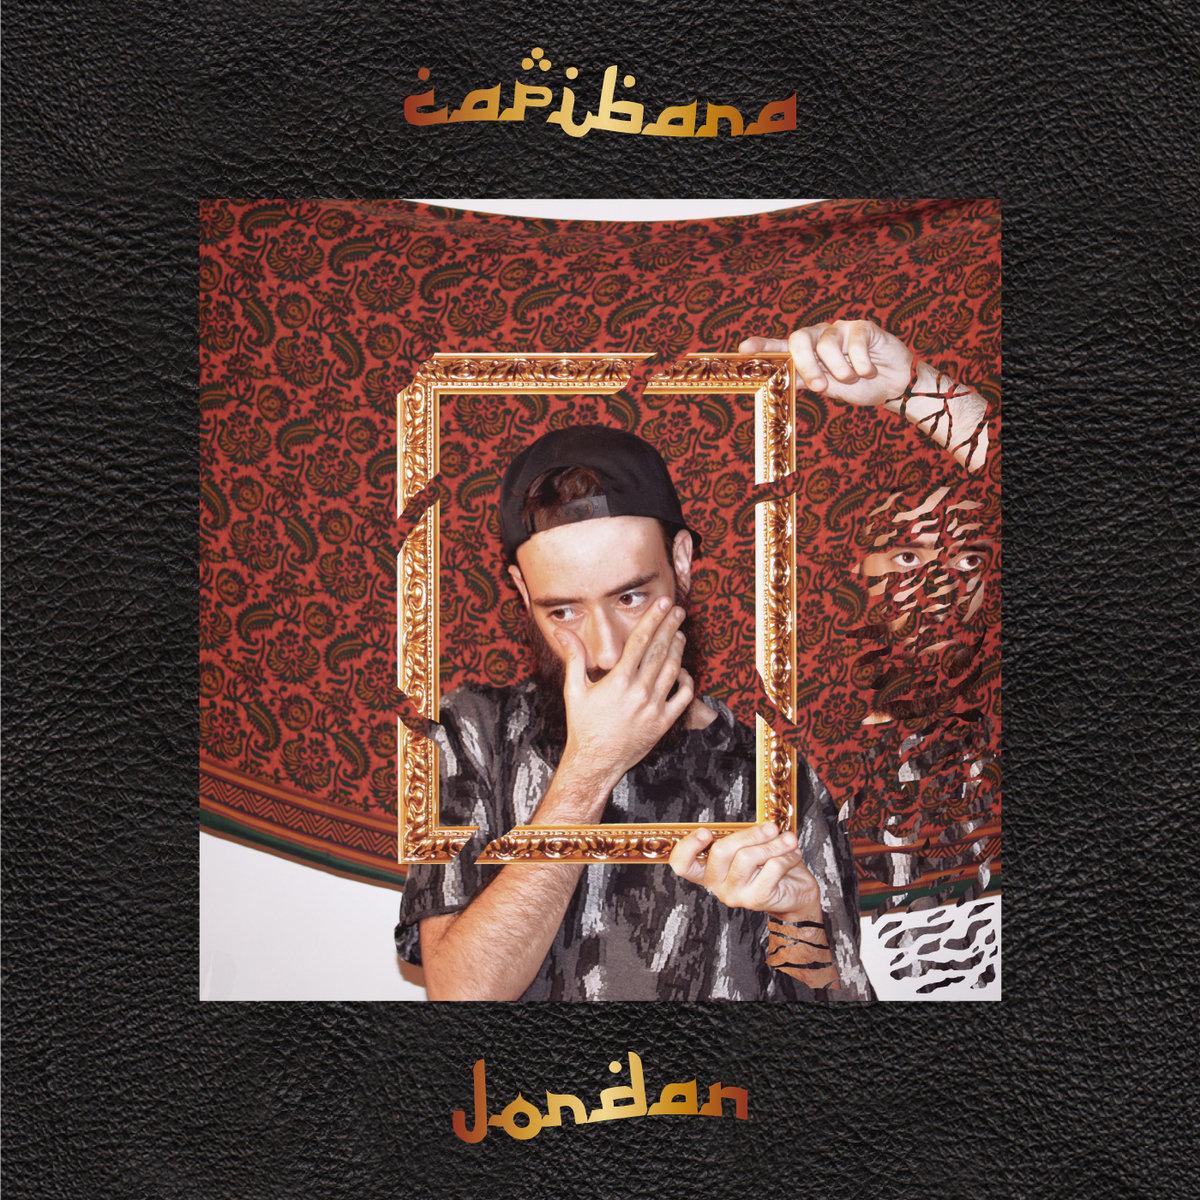 Capibara - Jordan